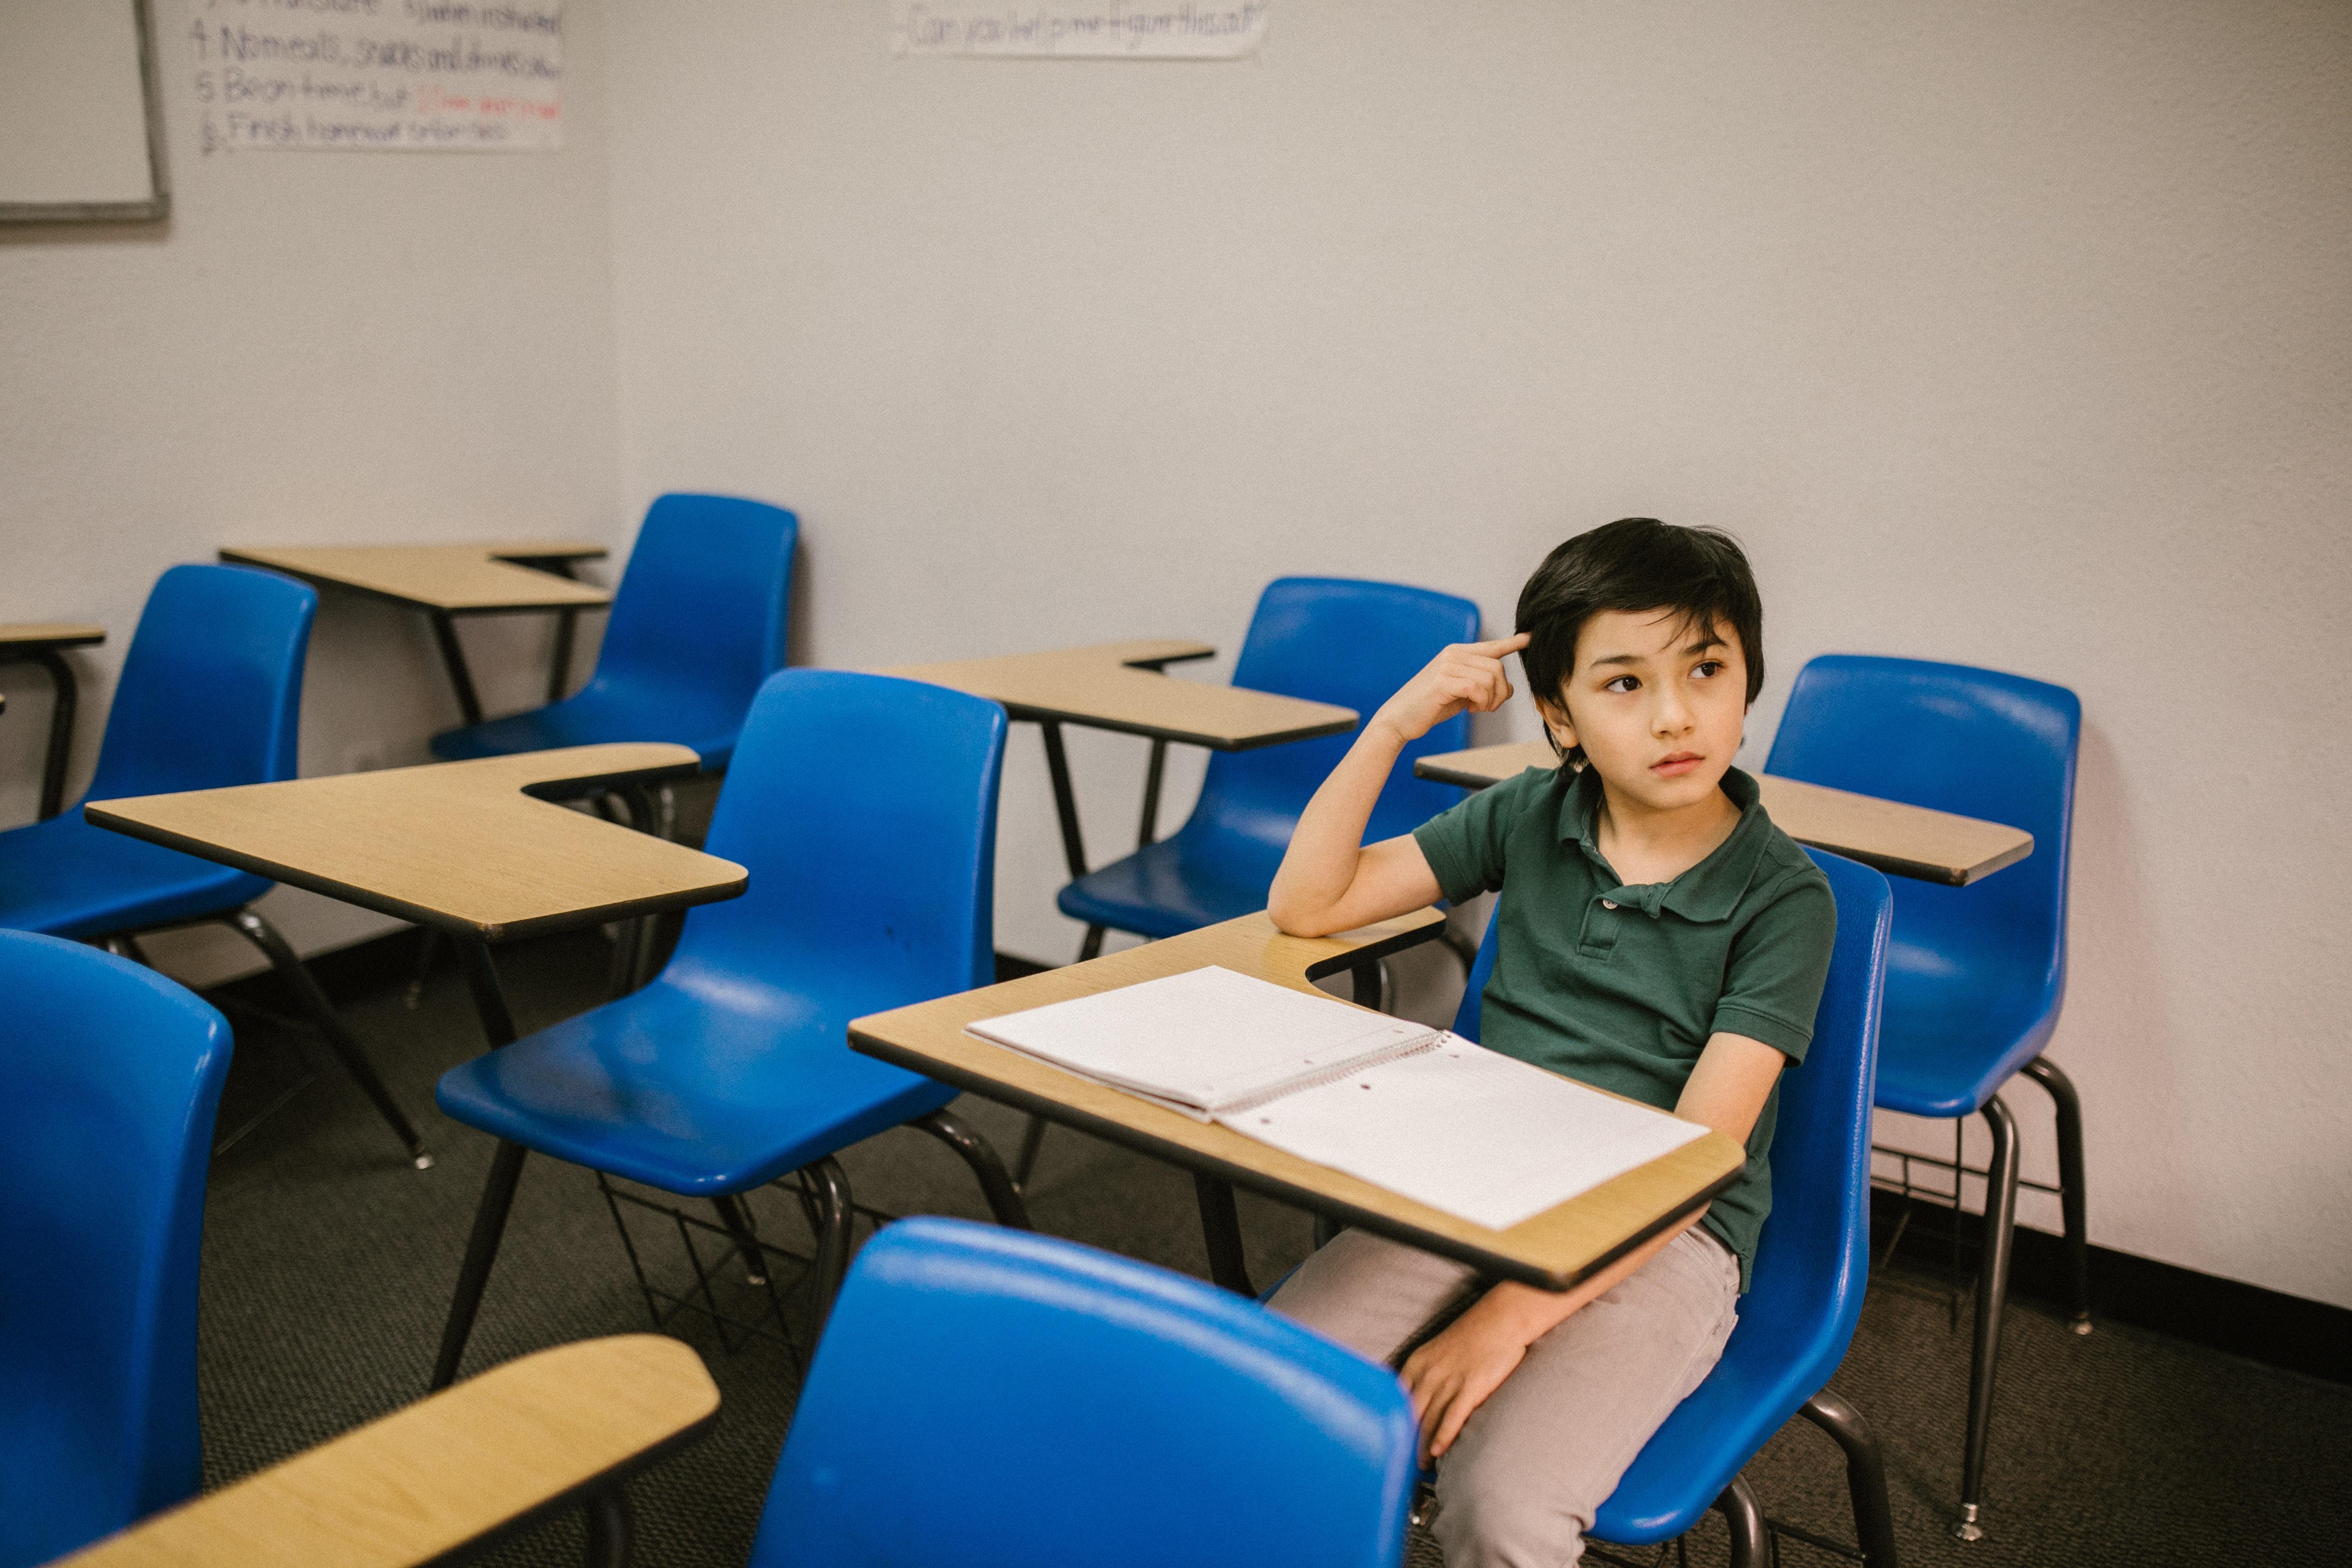 Portaria nº 736/2021 divulga os resultados preliminares do Censo Escolar da Educação Básica de 2021